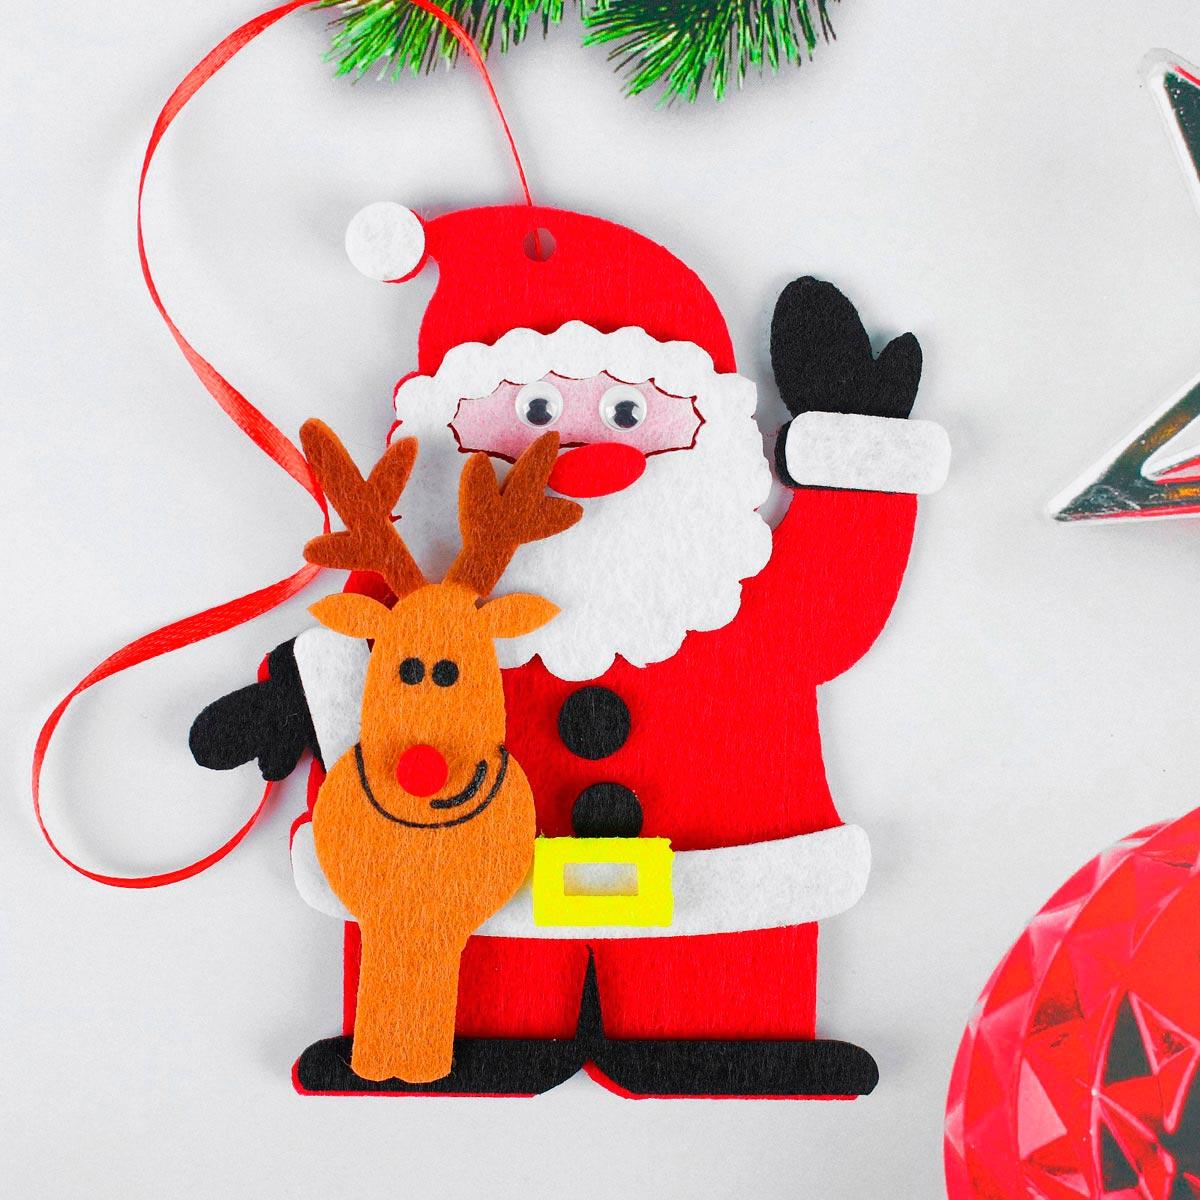 4298796 Набор для творчества - создай елочное украшение из фетра 'Дед мороз с оленем'